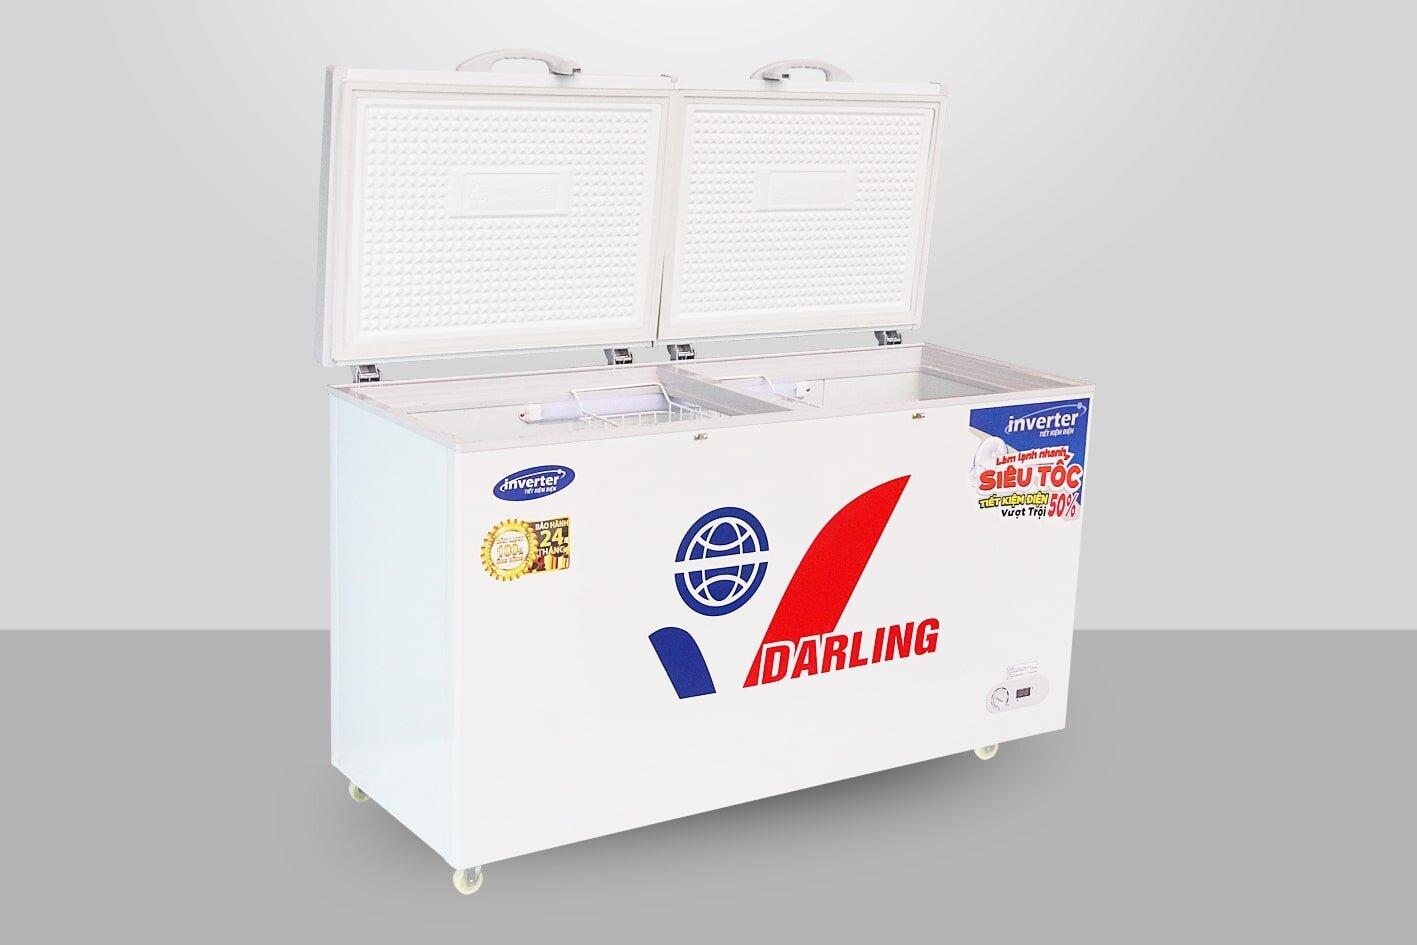 Tủ đông mặt kính Inverter Darling DMF-4079 KI-1 áp dụng công nghệ tiết kiệm điện tối ưu